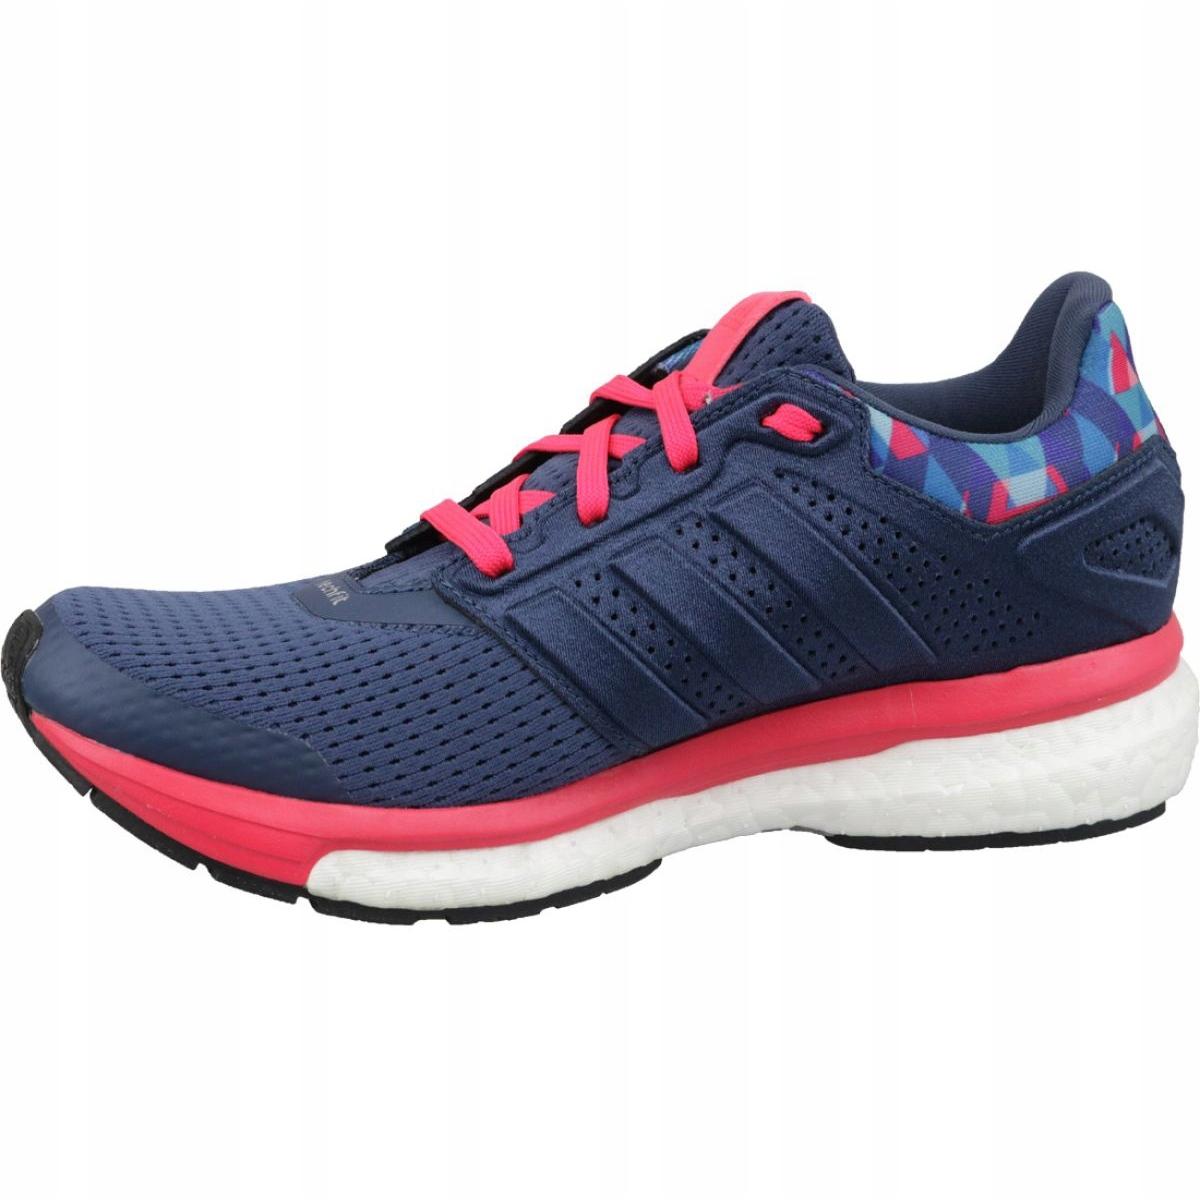 Sapatos Adidas Supernova Glide 8 Gfx W AQ5059 marinha